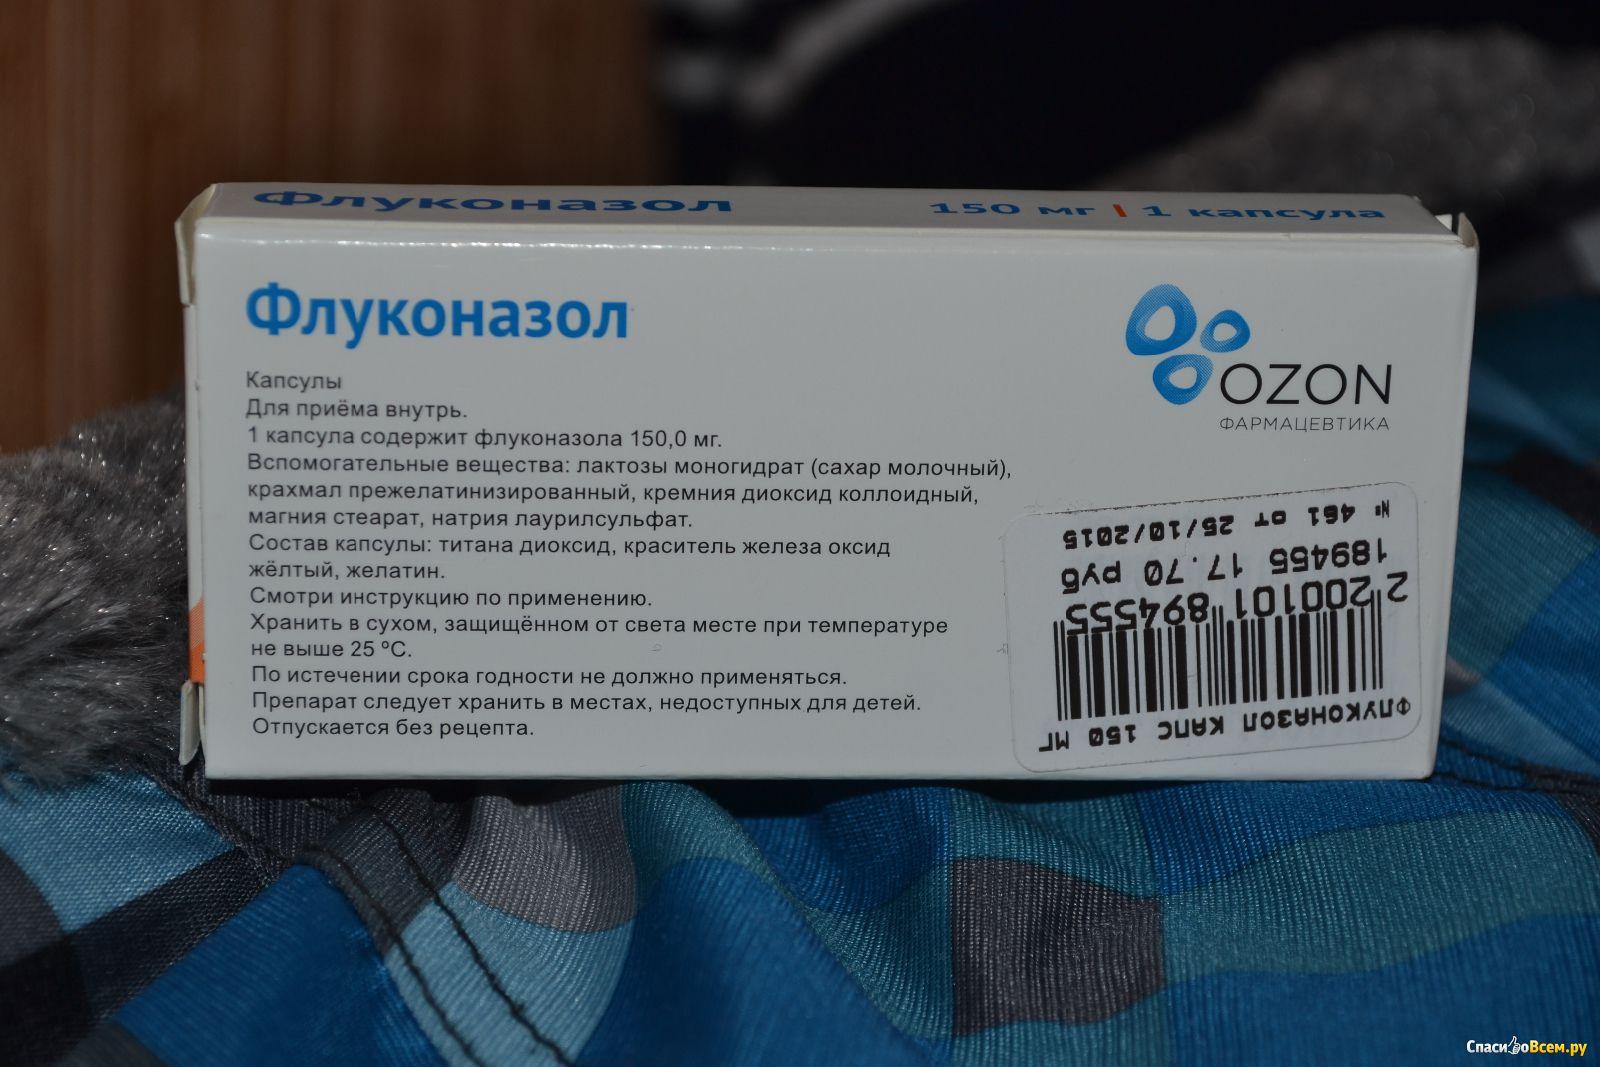 огнеупорное прием флуконазола при приеме антибиотиков друга